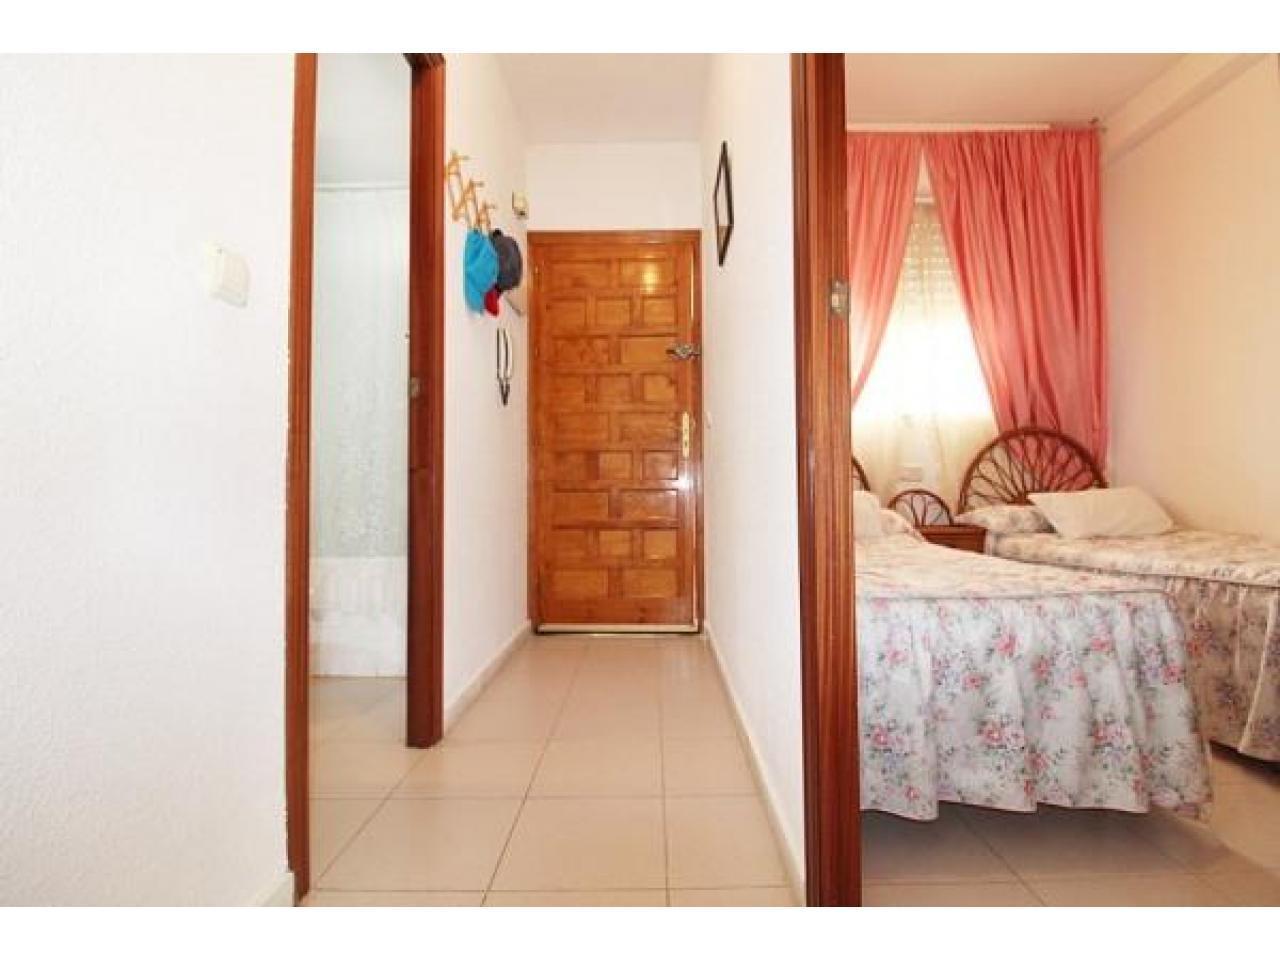 Недвижимость в Испании, Квартира с видами на море в Ла Мата,Коста Бланка,Испания - 6